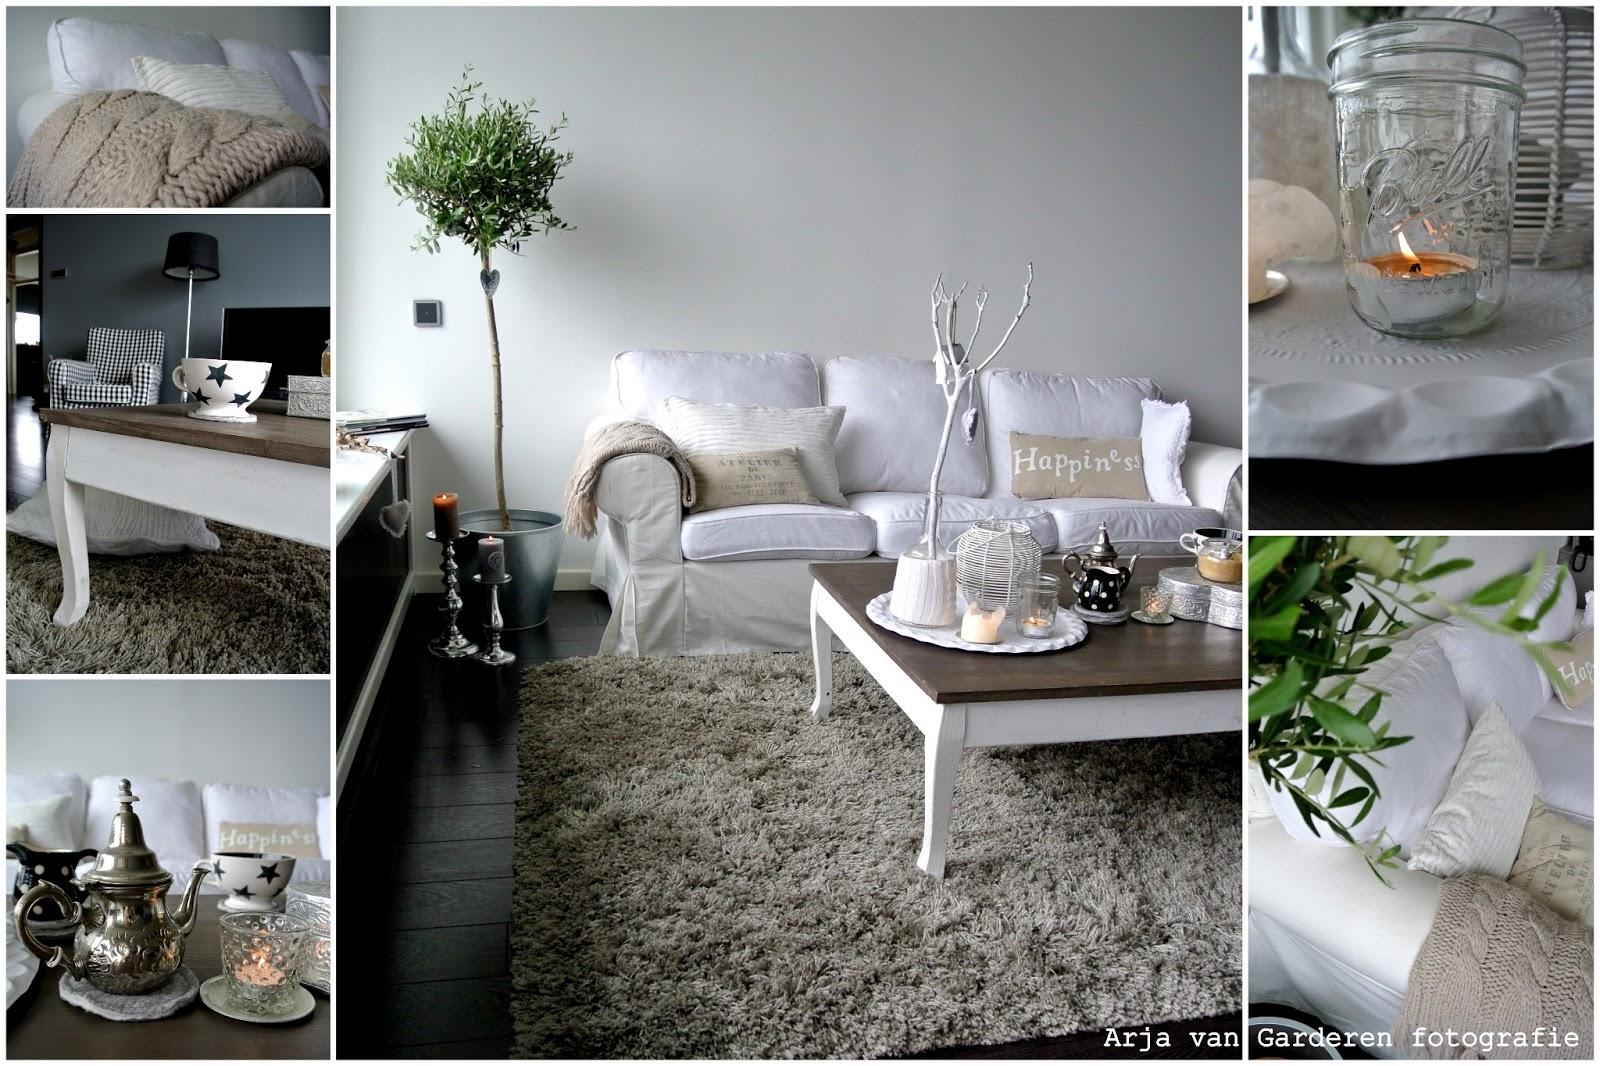 Riviera maison kleine woonkamer ~ Artikill.com